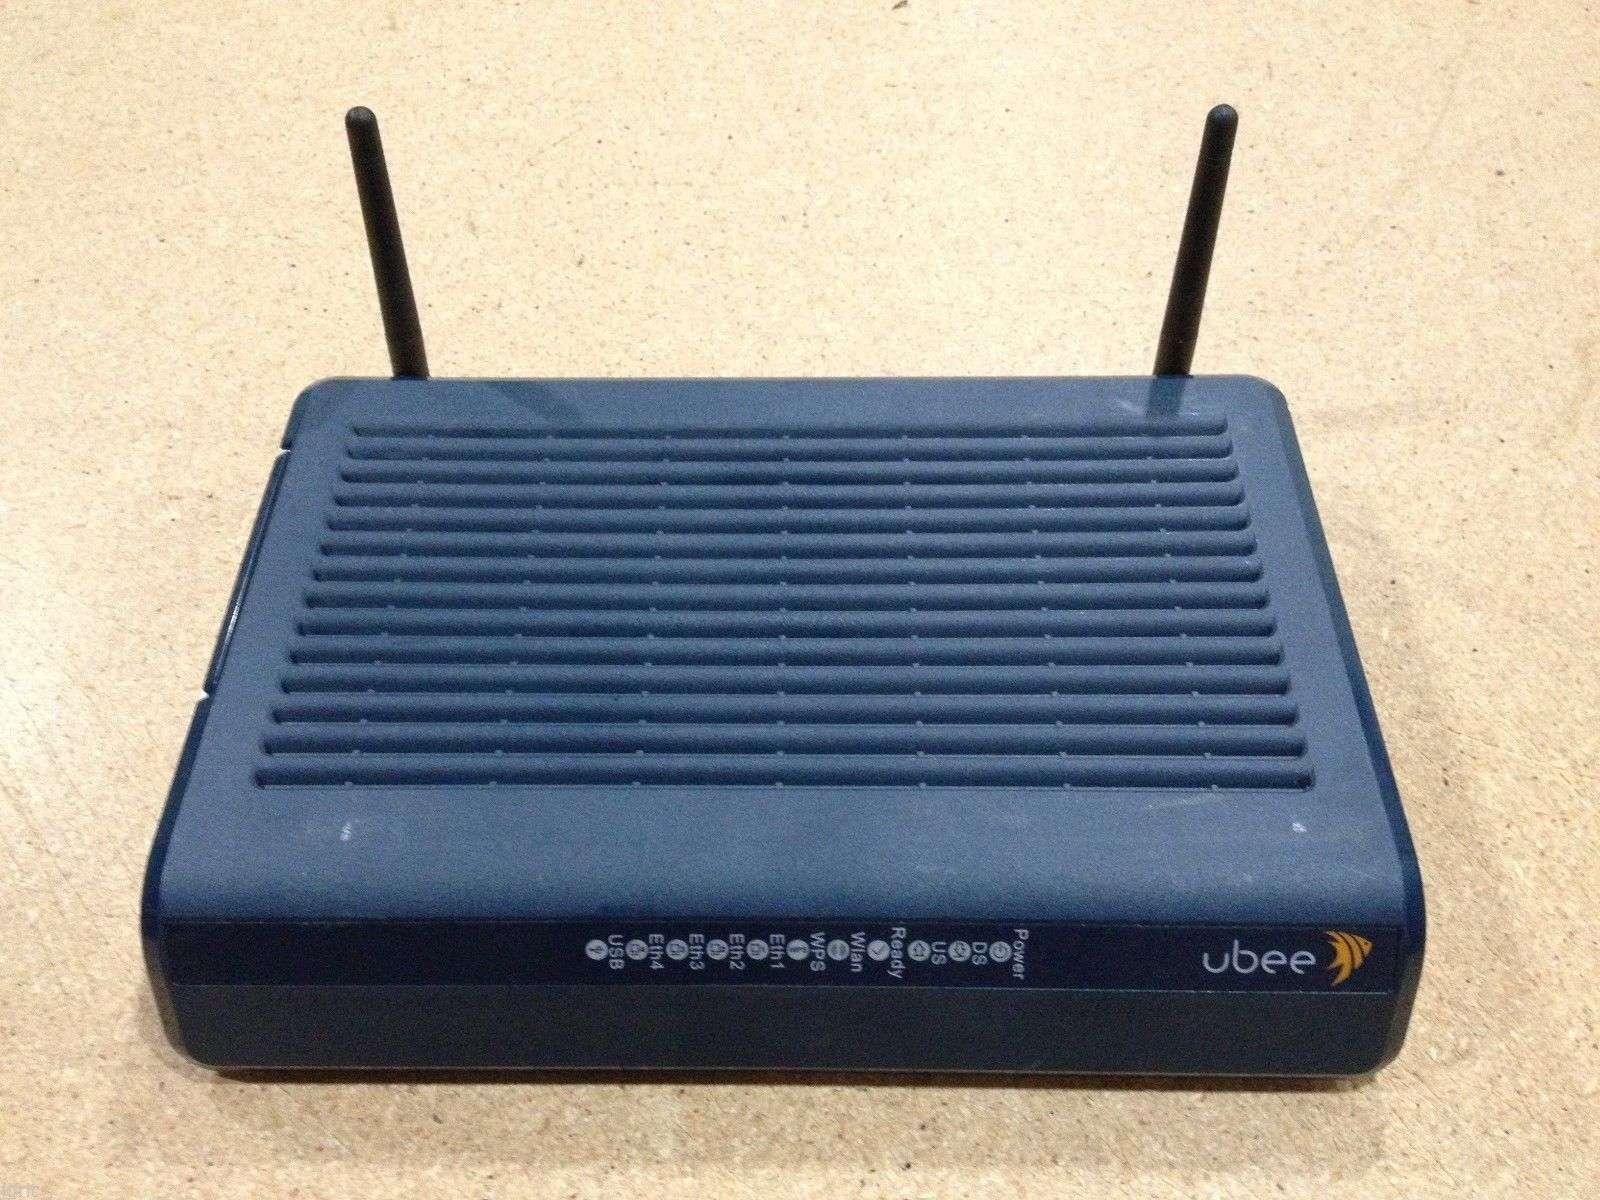 Ubee DDW3612 Cable Modem Gateway Wireless DOCSIS 3 0 WiFi 342Mbps USB switch